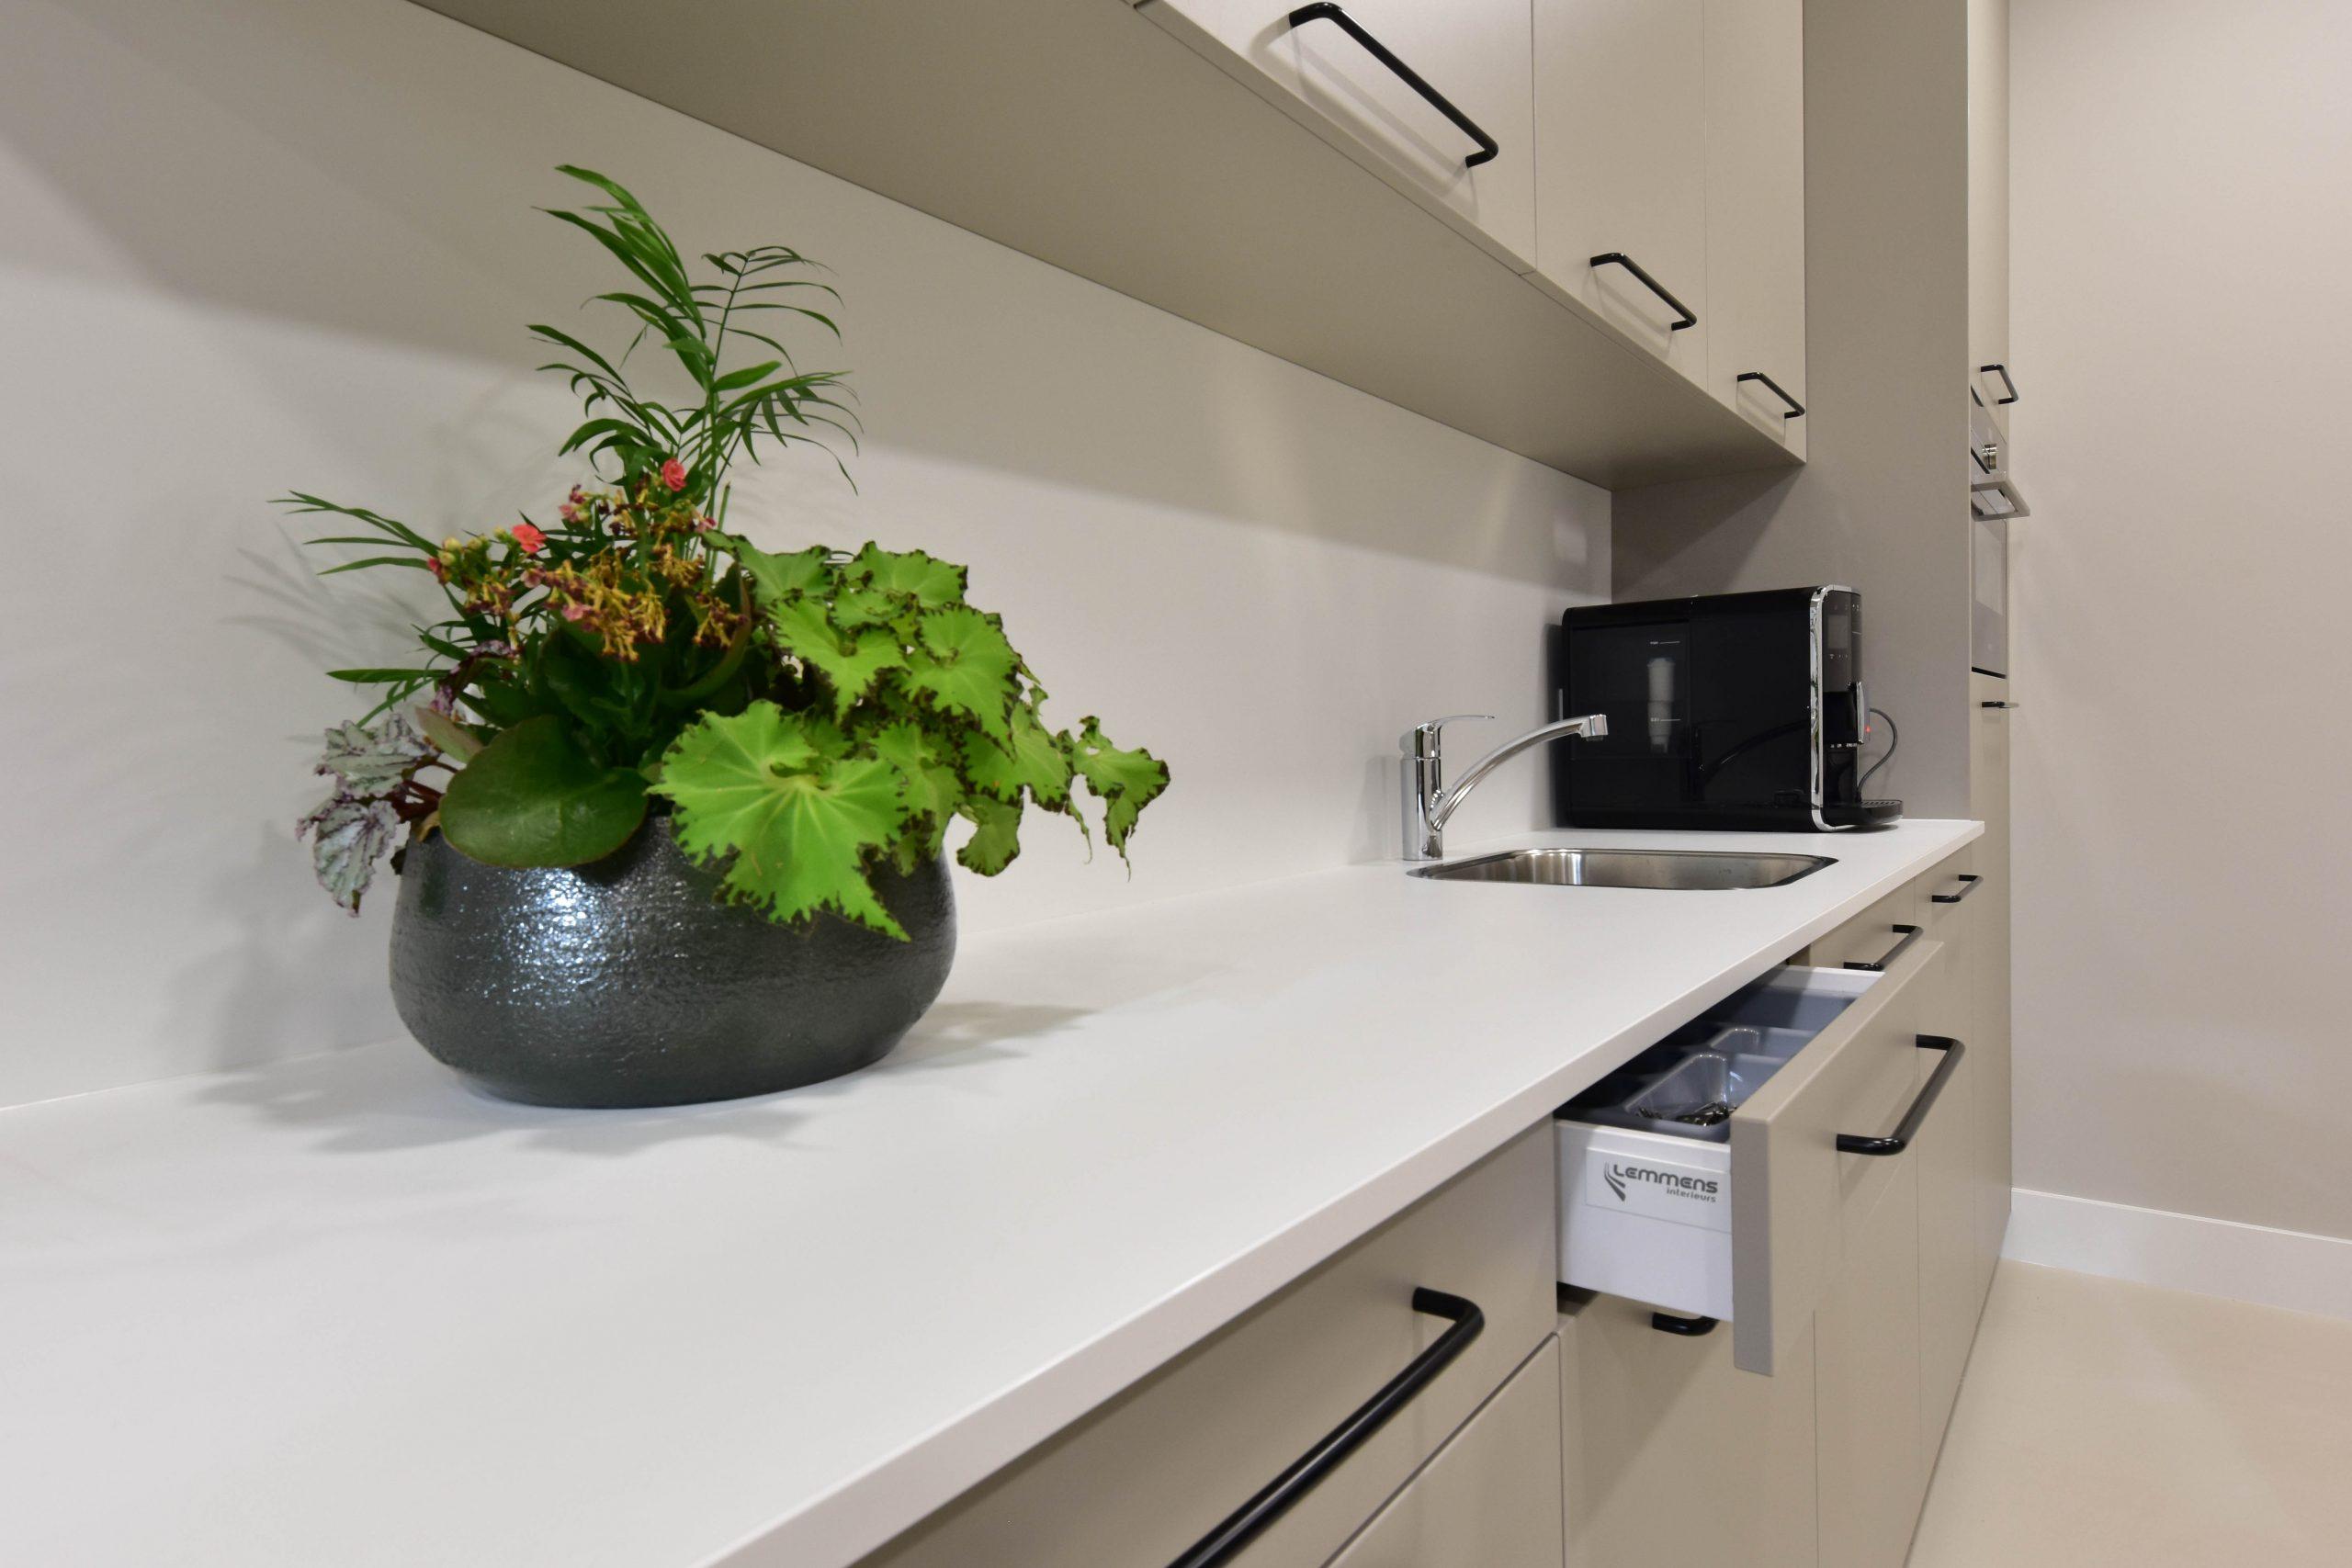 Bedrijfs keuken - Lemmens interieurs